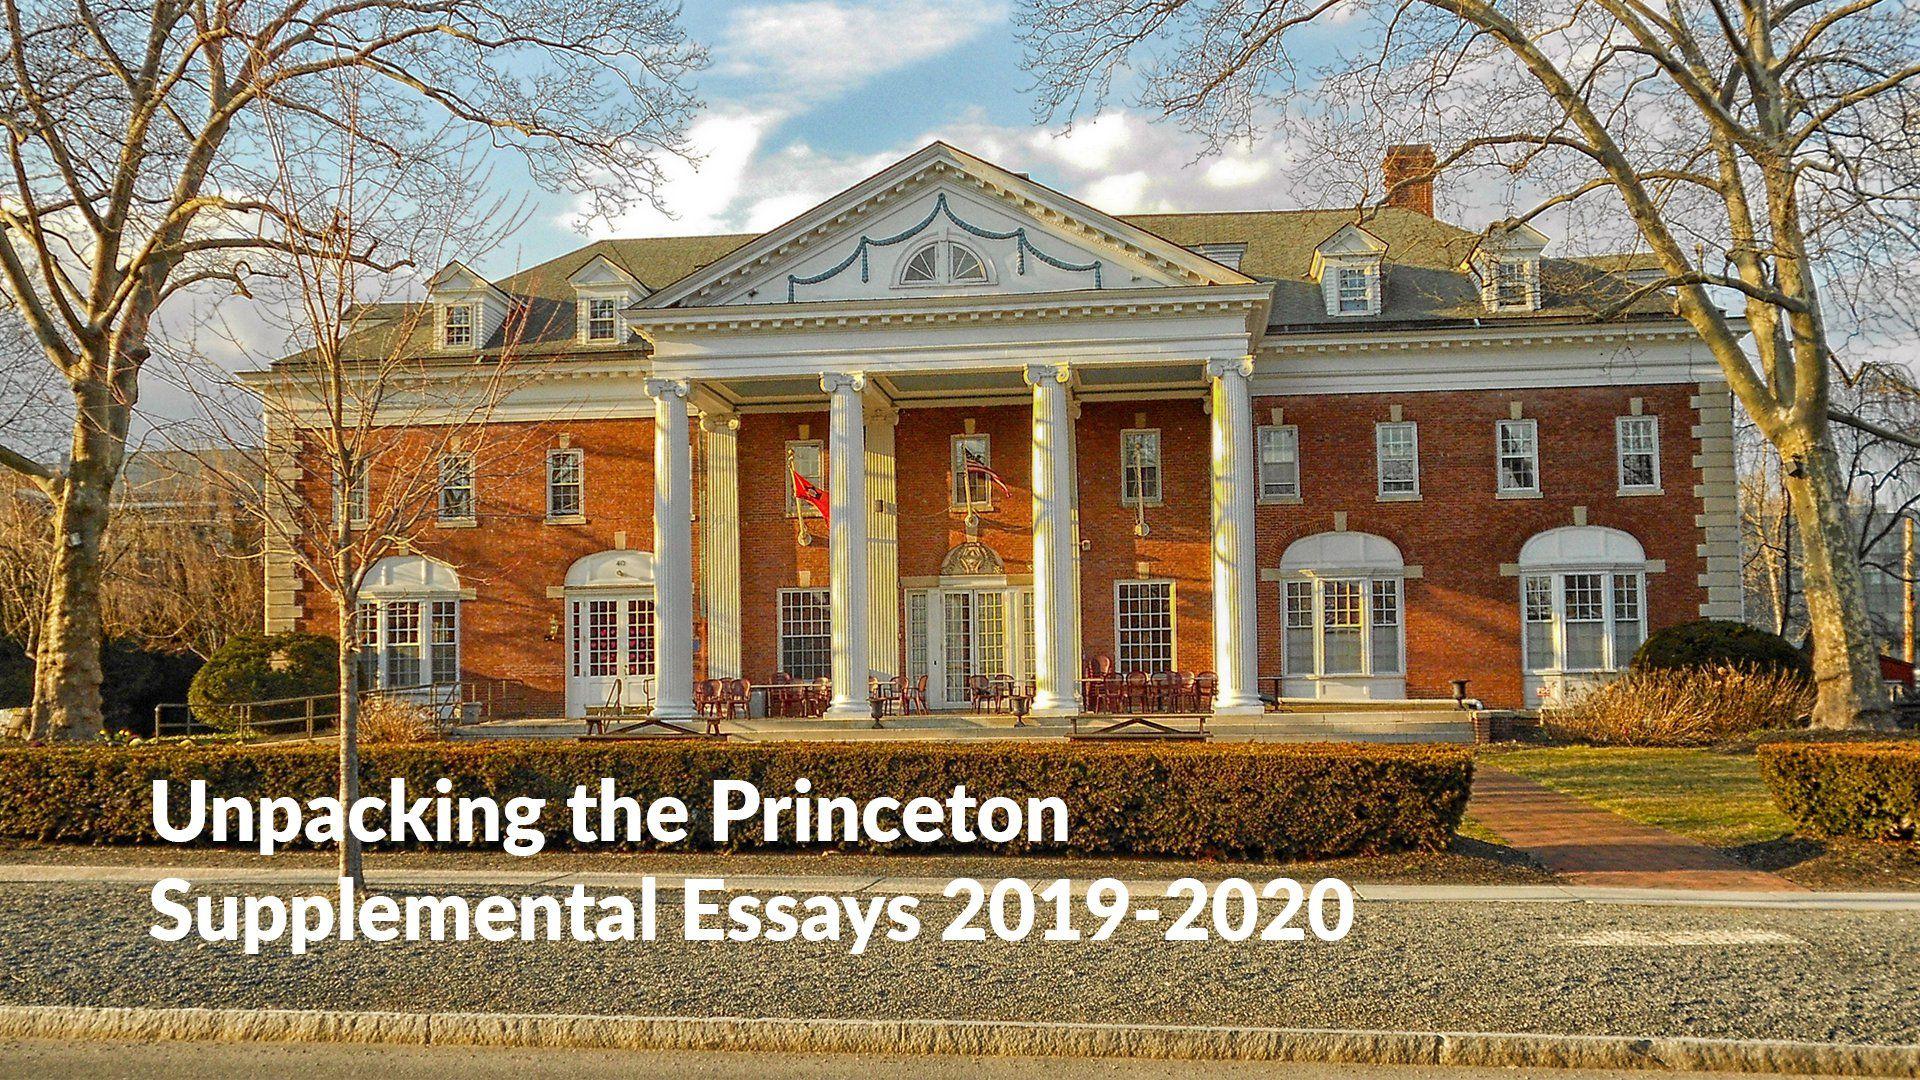 Princeton supplement essay help